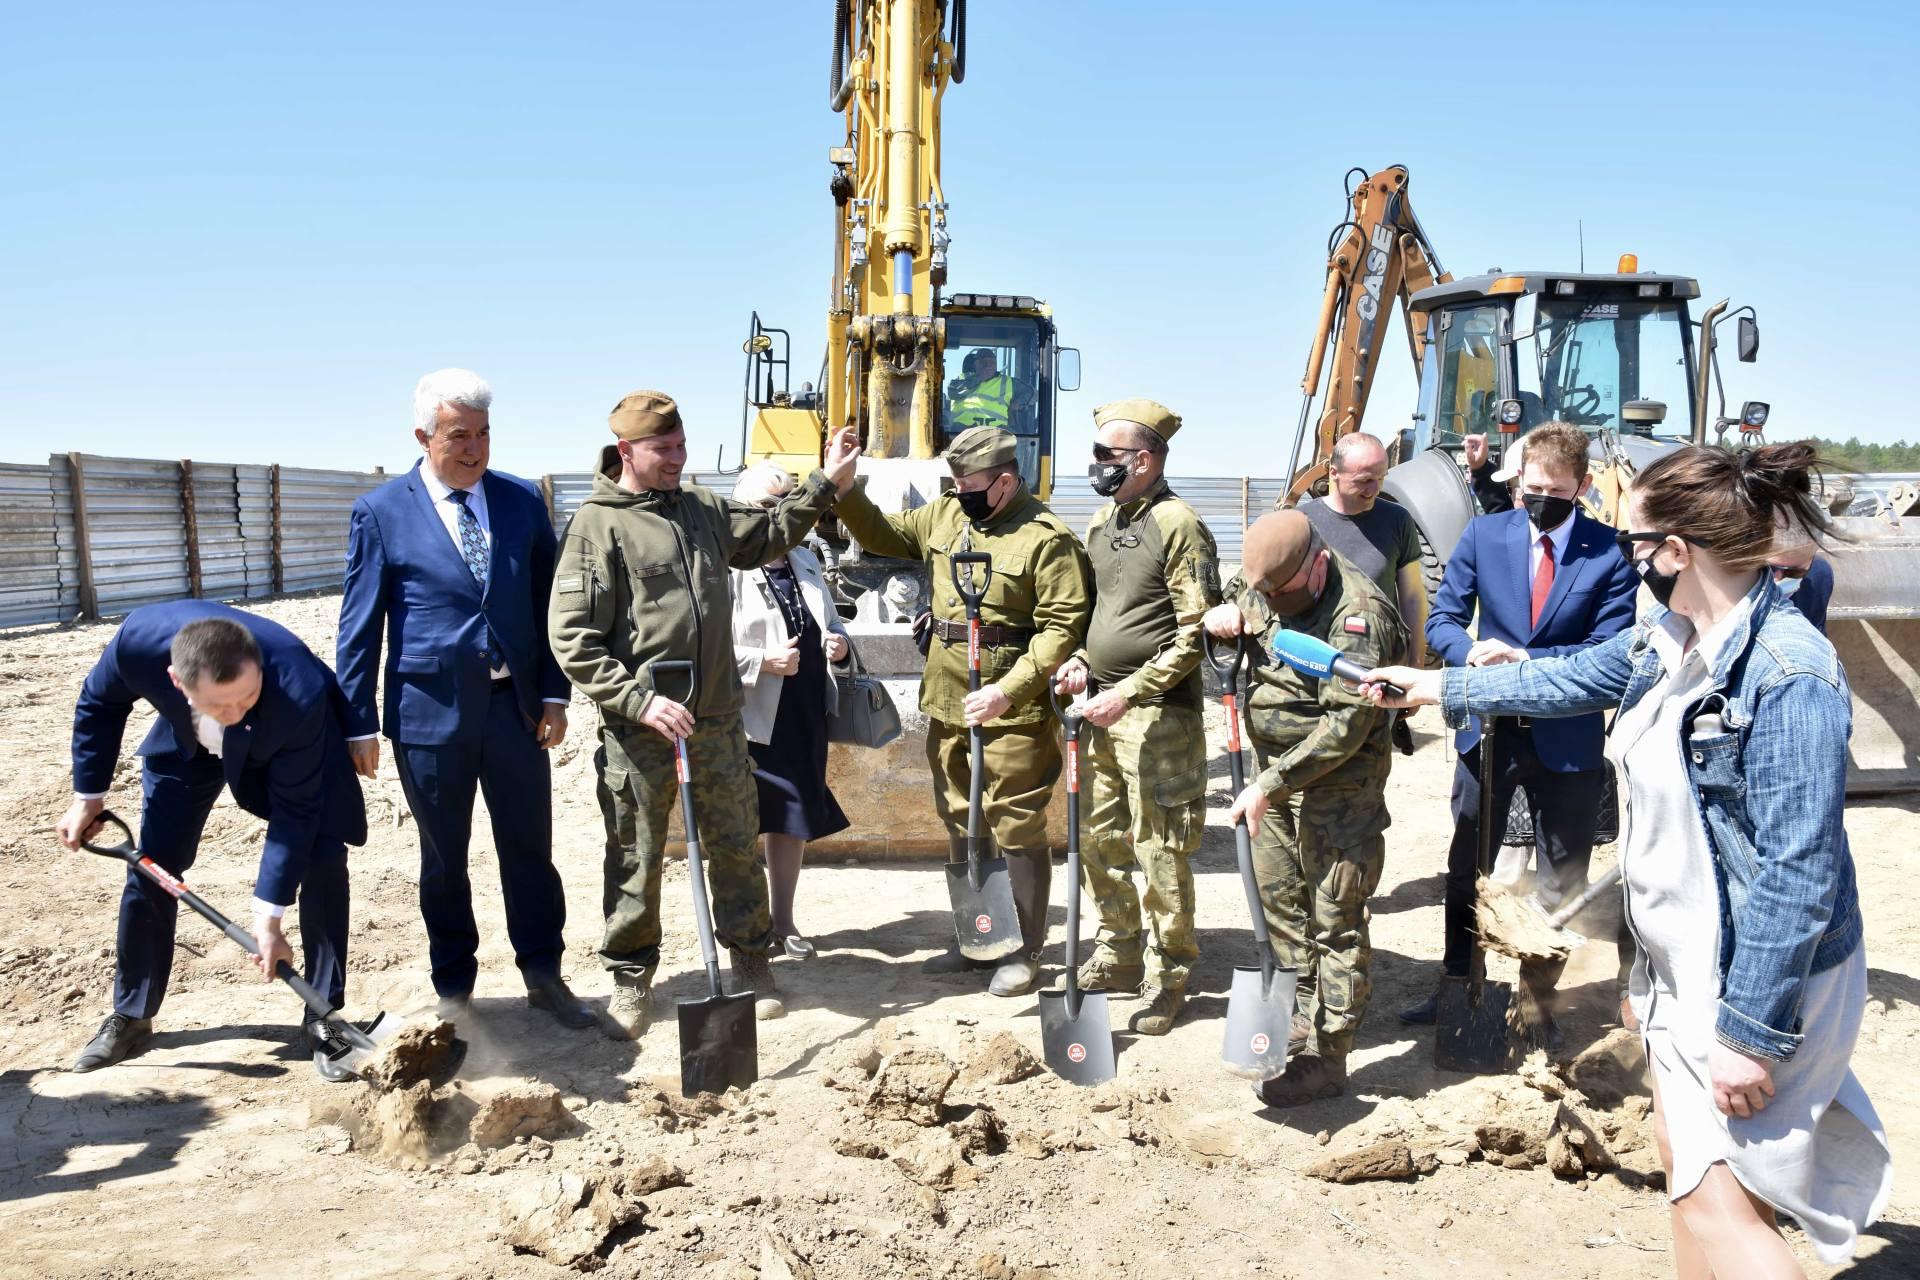 dsc 5120 Bitwa pod Komarowem doczeka się pomnika. Dziś uroczyście wbito łopatę pod budowę monumentu [ZDJĘCIA, FILM]